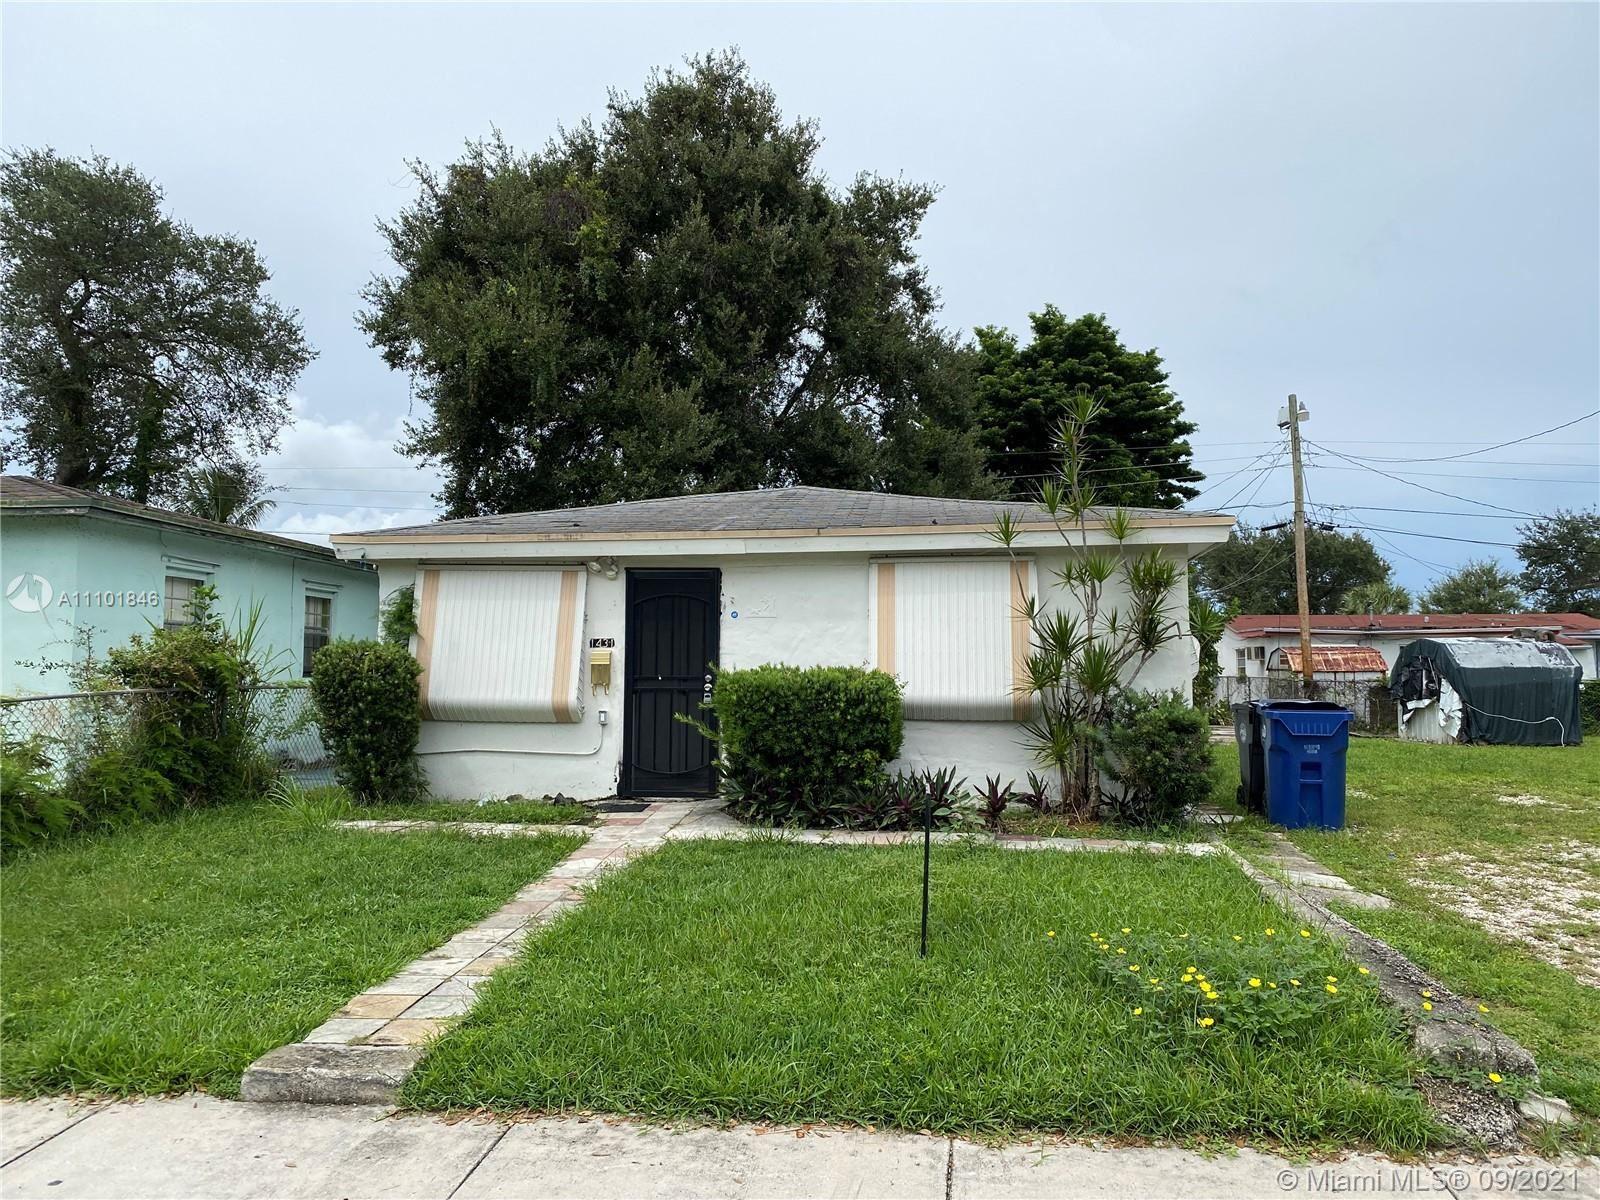 1431 NE 152nd Ter, North Miami Beach, FL 33162 - #: A11101846